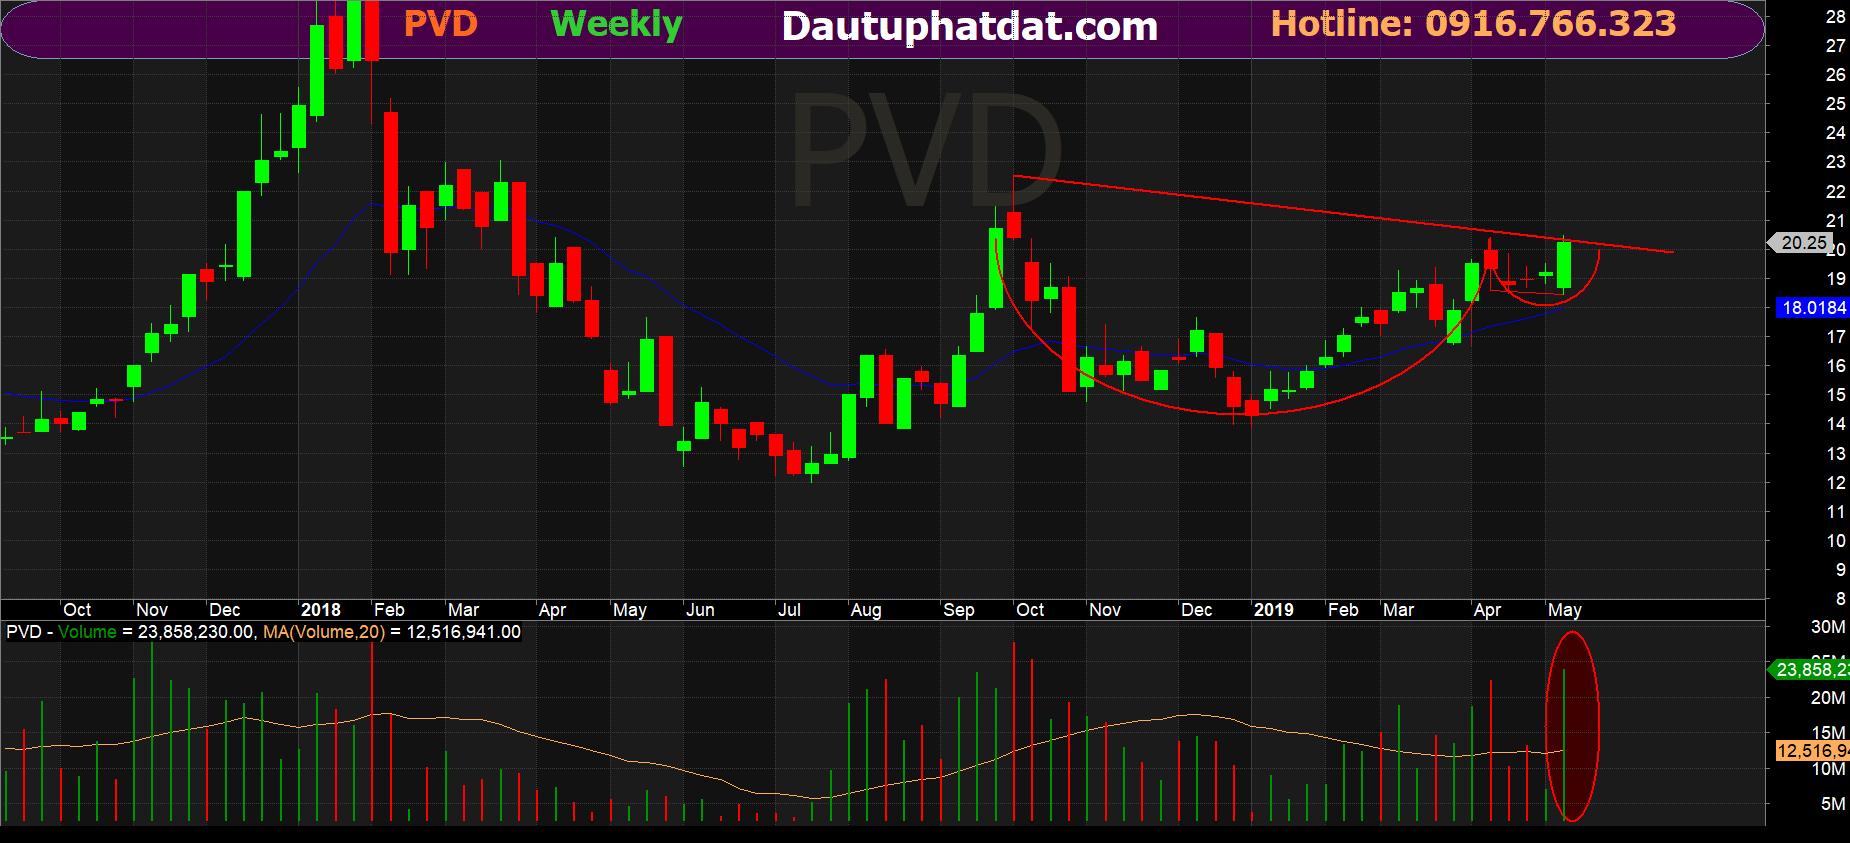 PVD week